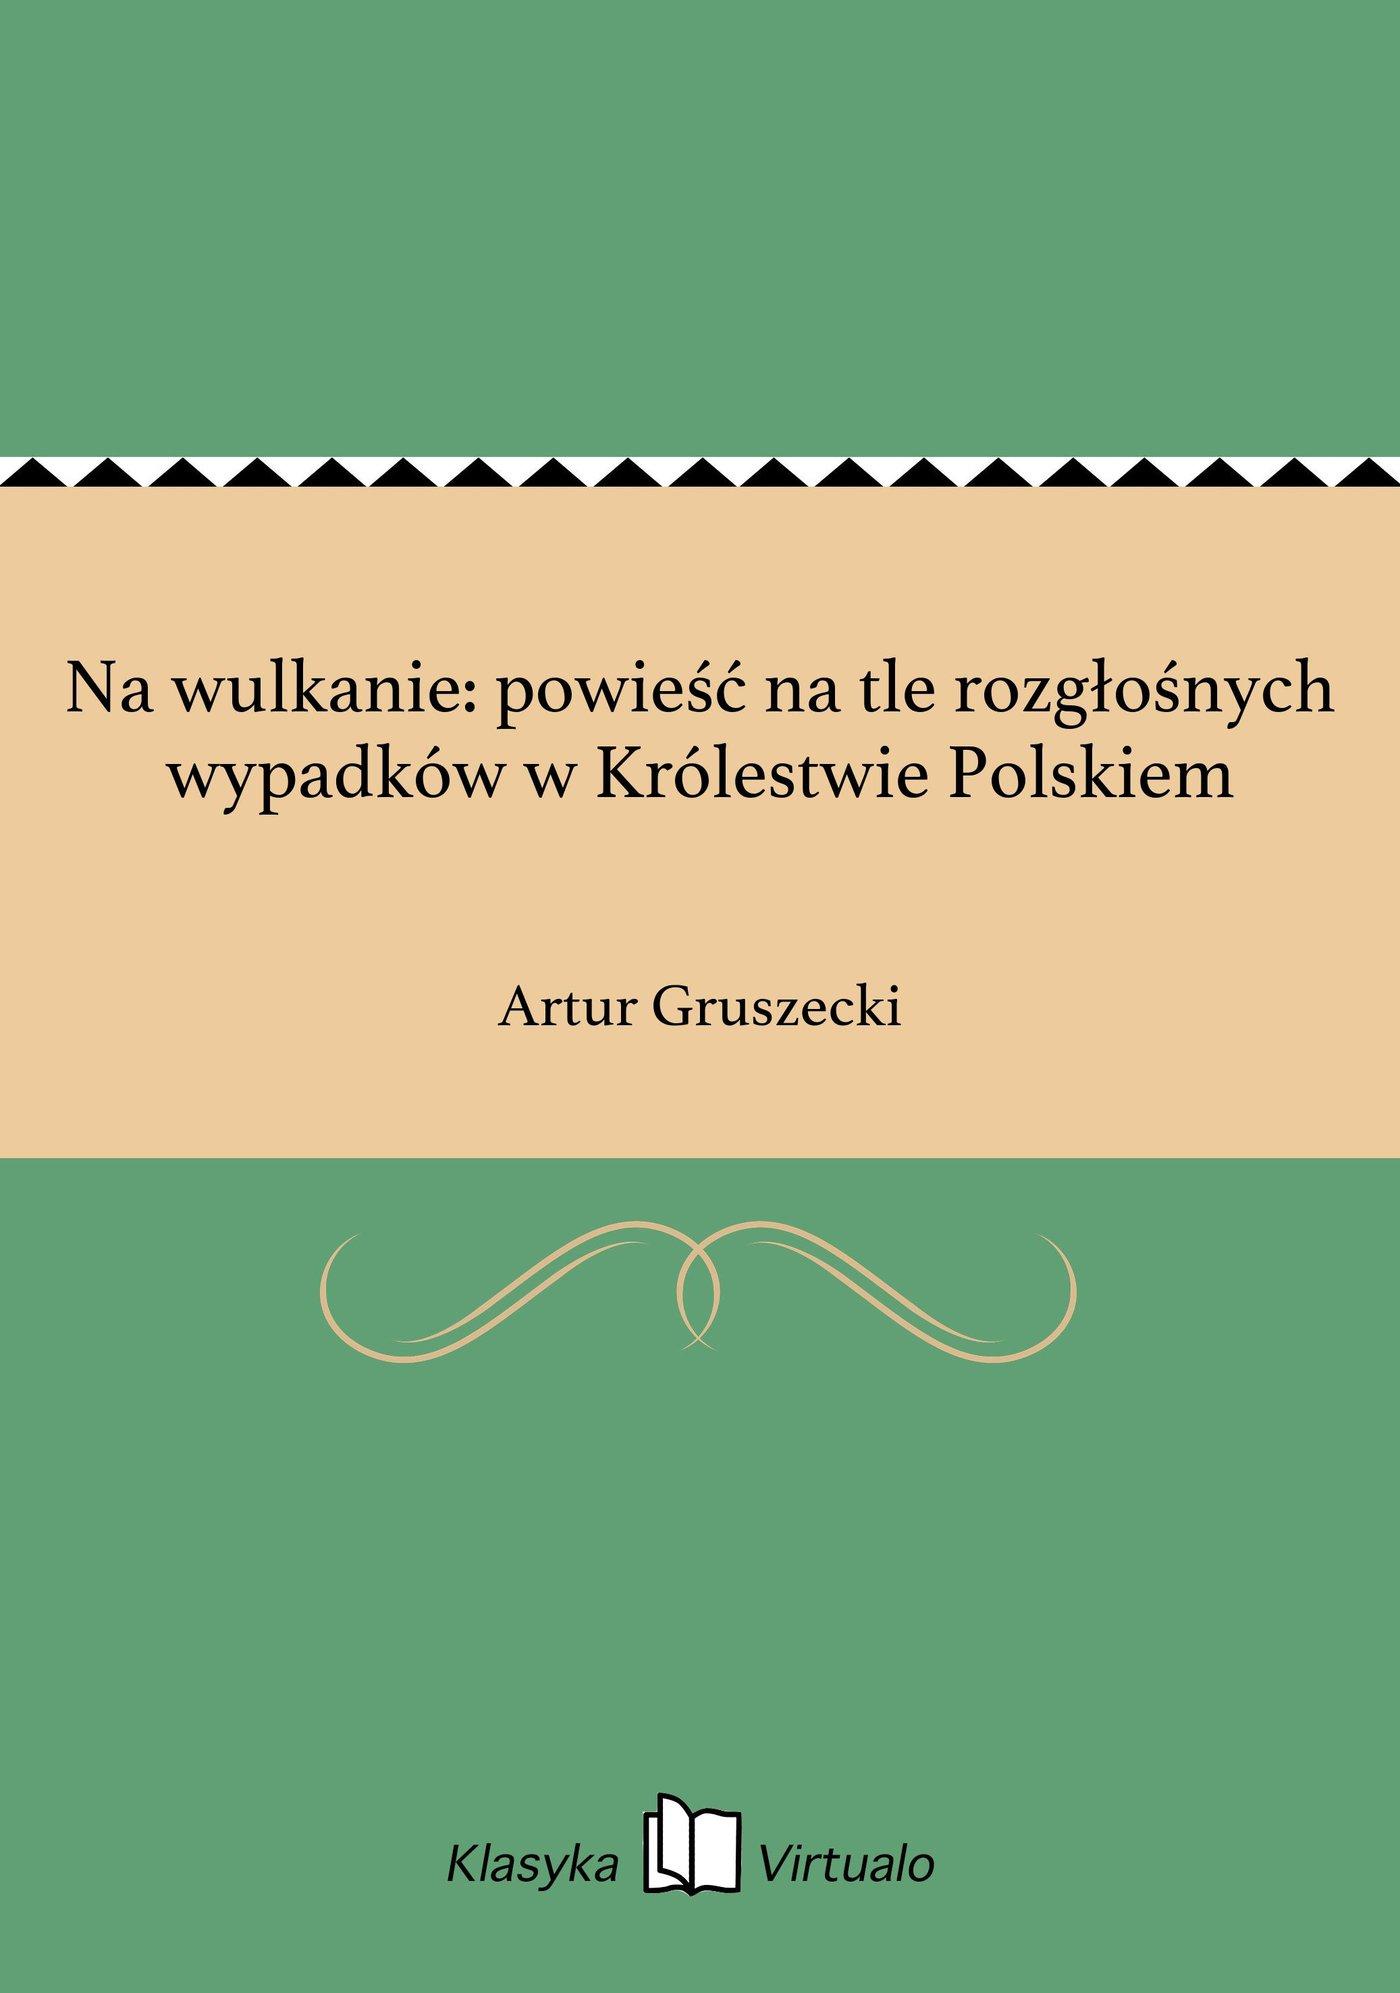 Na wulkanie: powieść na tle rozgłośnych wypadków w Królestwie Polskiem - Ebook (Książka EPUB) do pobrania w formacie EPUB